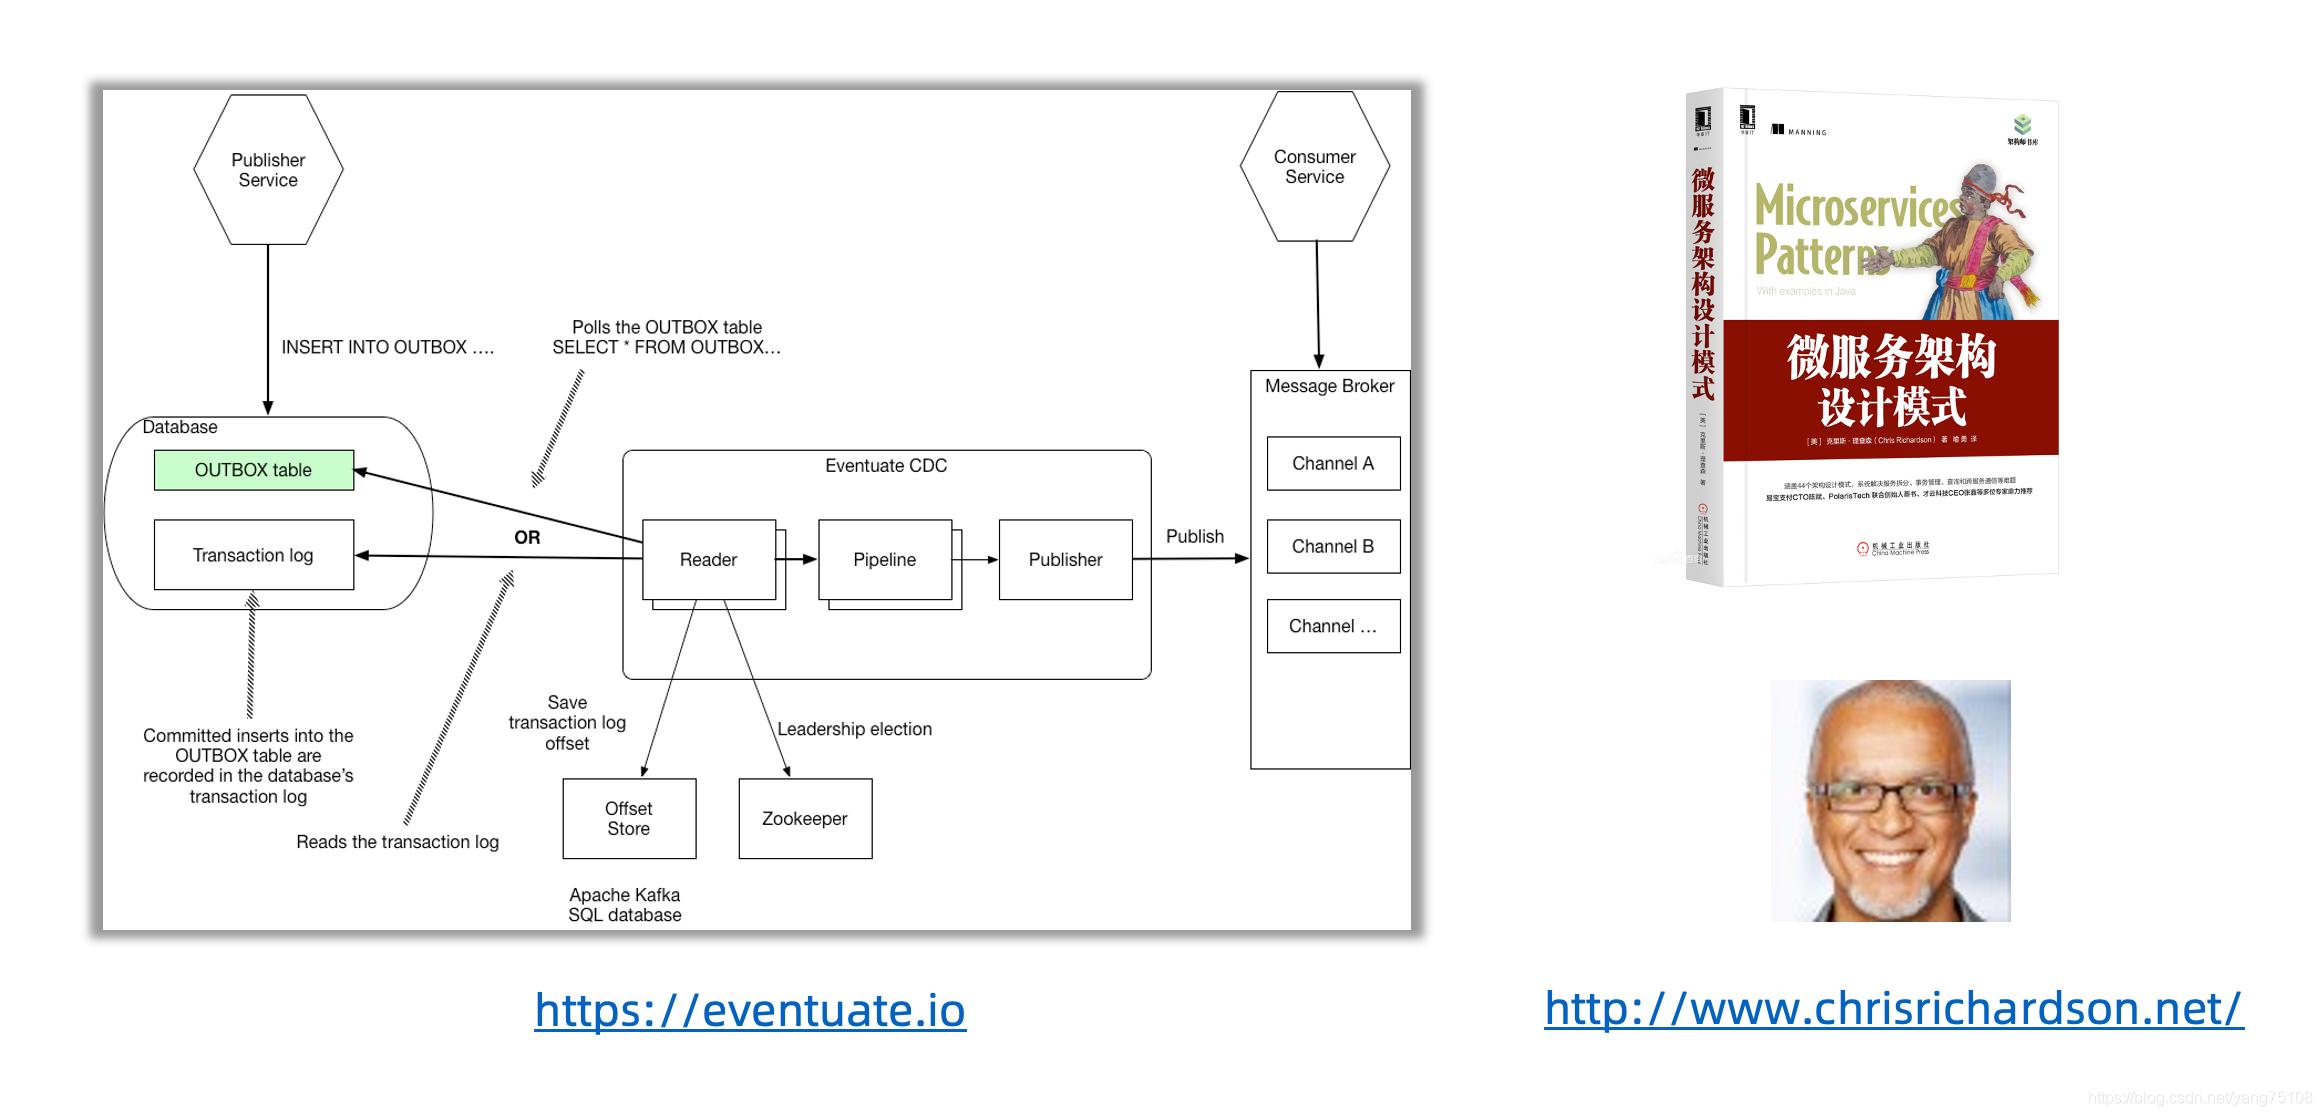 [外链图片转存失败,源站可能有防盗链机制,建议将图片保存下来直接上传(img-y8a8y0Vl-1593683238165)(images/eventuate-tram.png)]